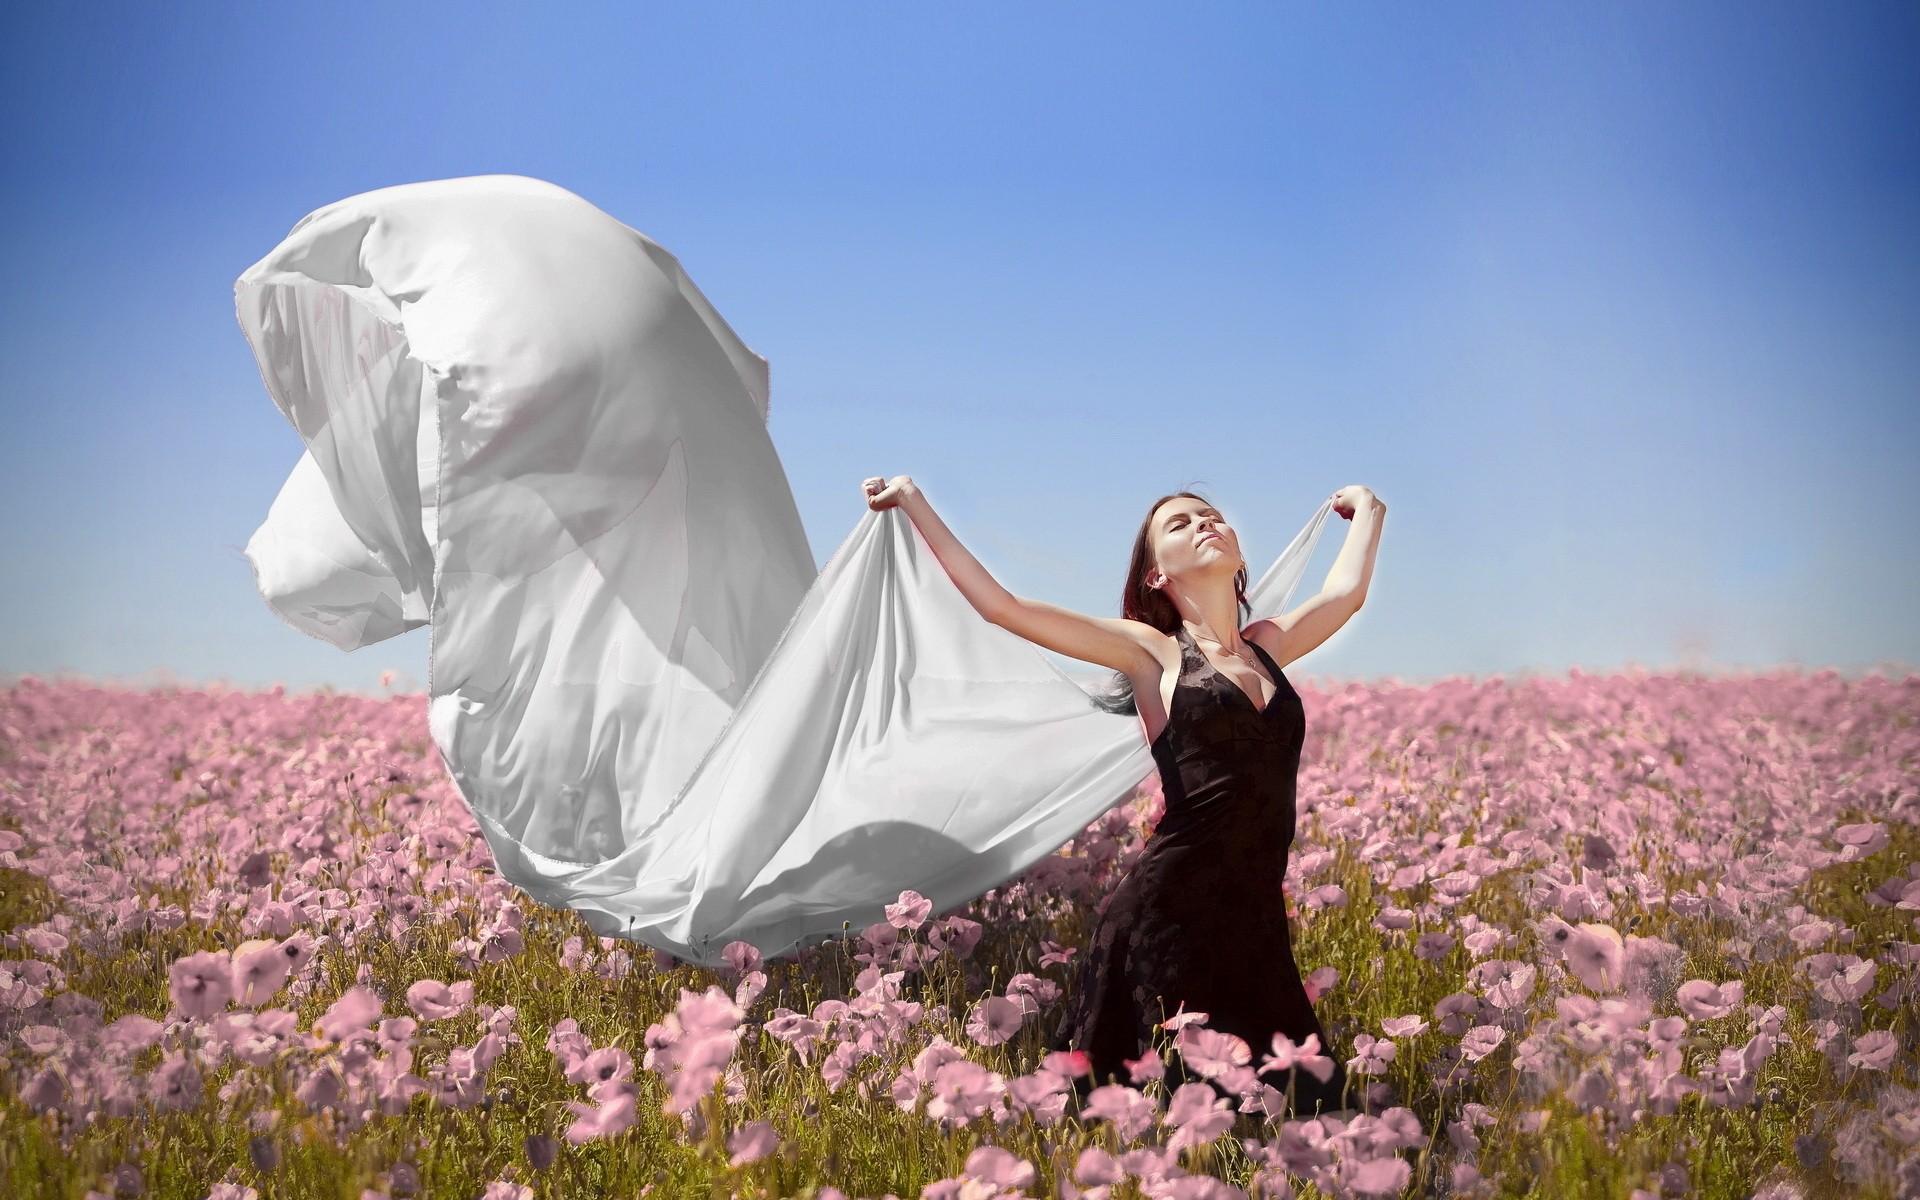 картинки безмятежного счастья женщины улицу одеваются